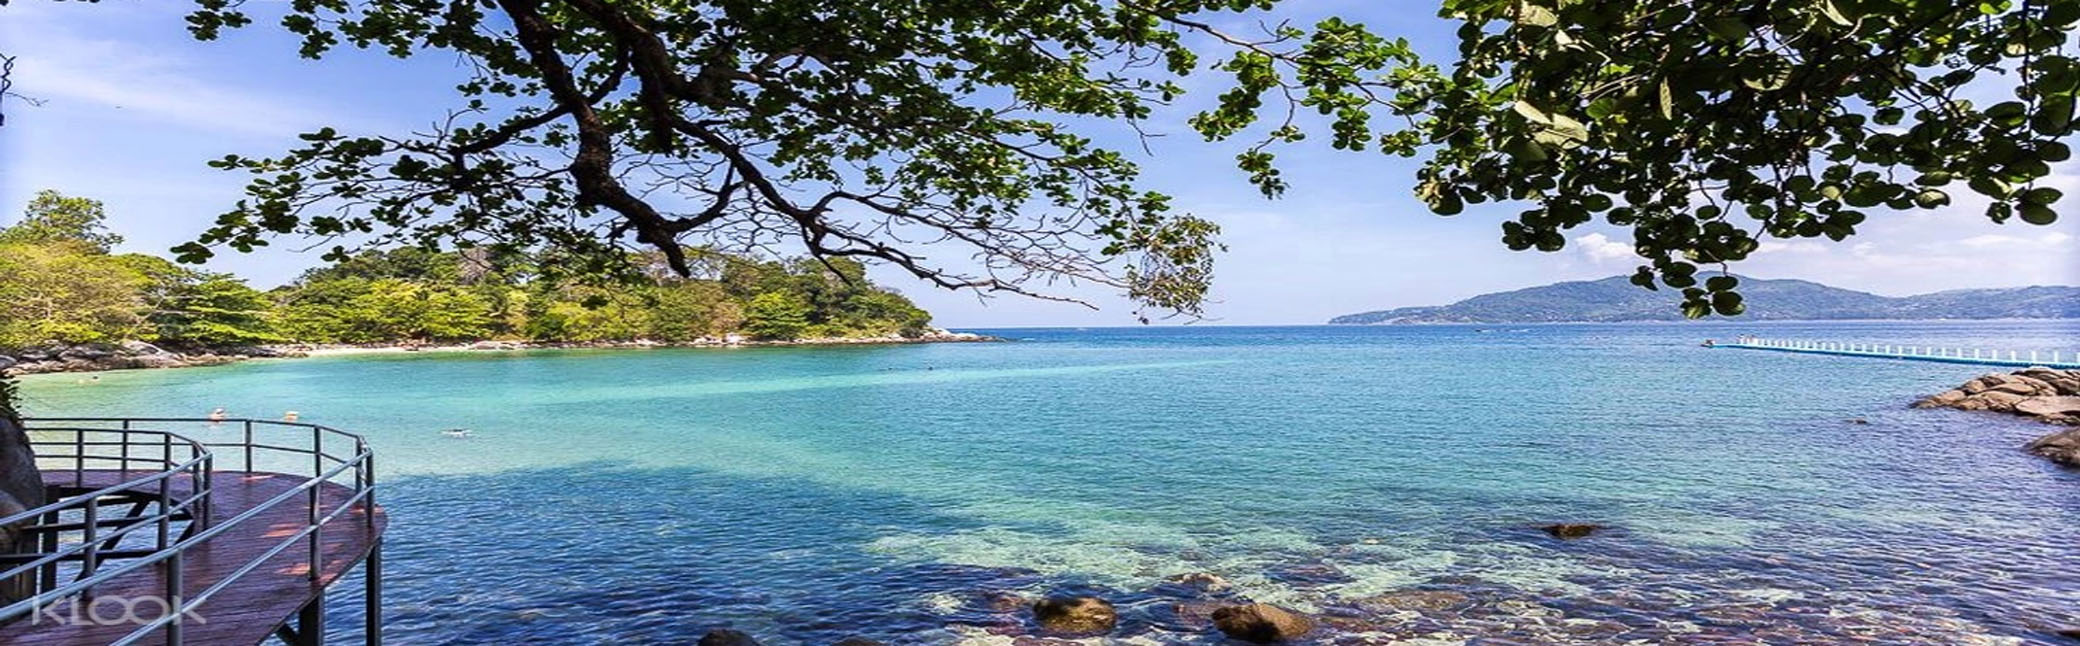 แพคเกจภูเก็ต (Combo Set B) สุดหรู พัก Indigo Phuket 3 วัน 2 คืน (รวมตั๋วเครื่องบิน + โรงแรม)